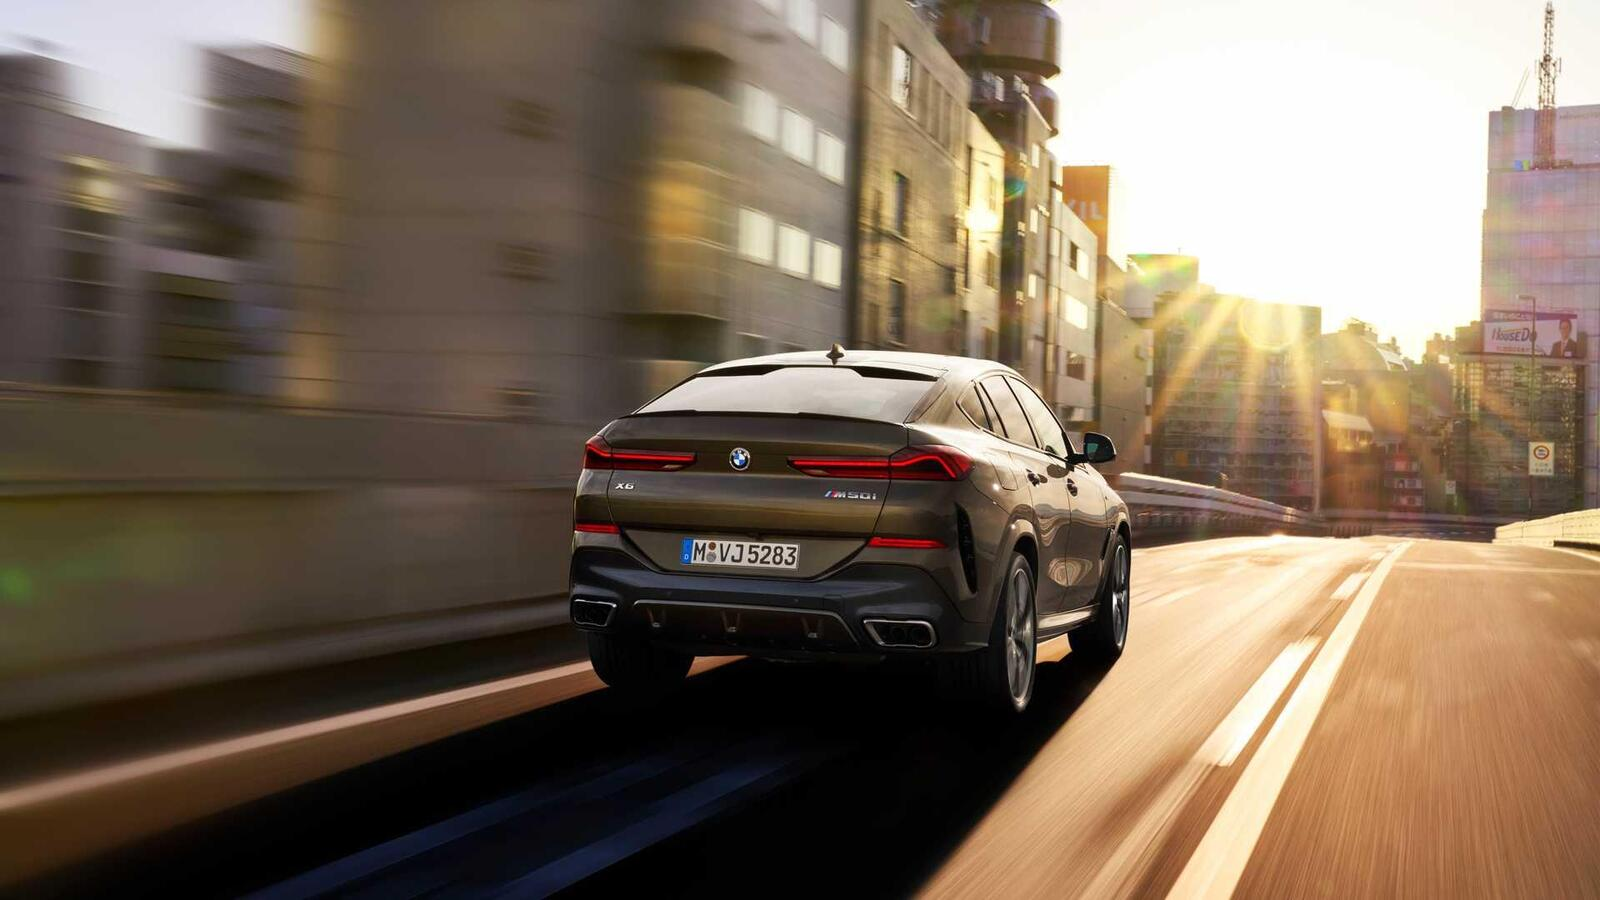 Thế hệ mới BMW X6 2020 chính thức ra mắt - Hình 3